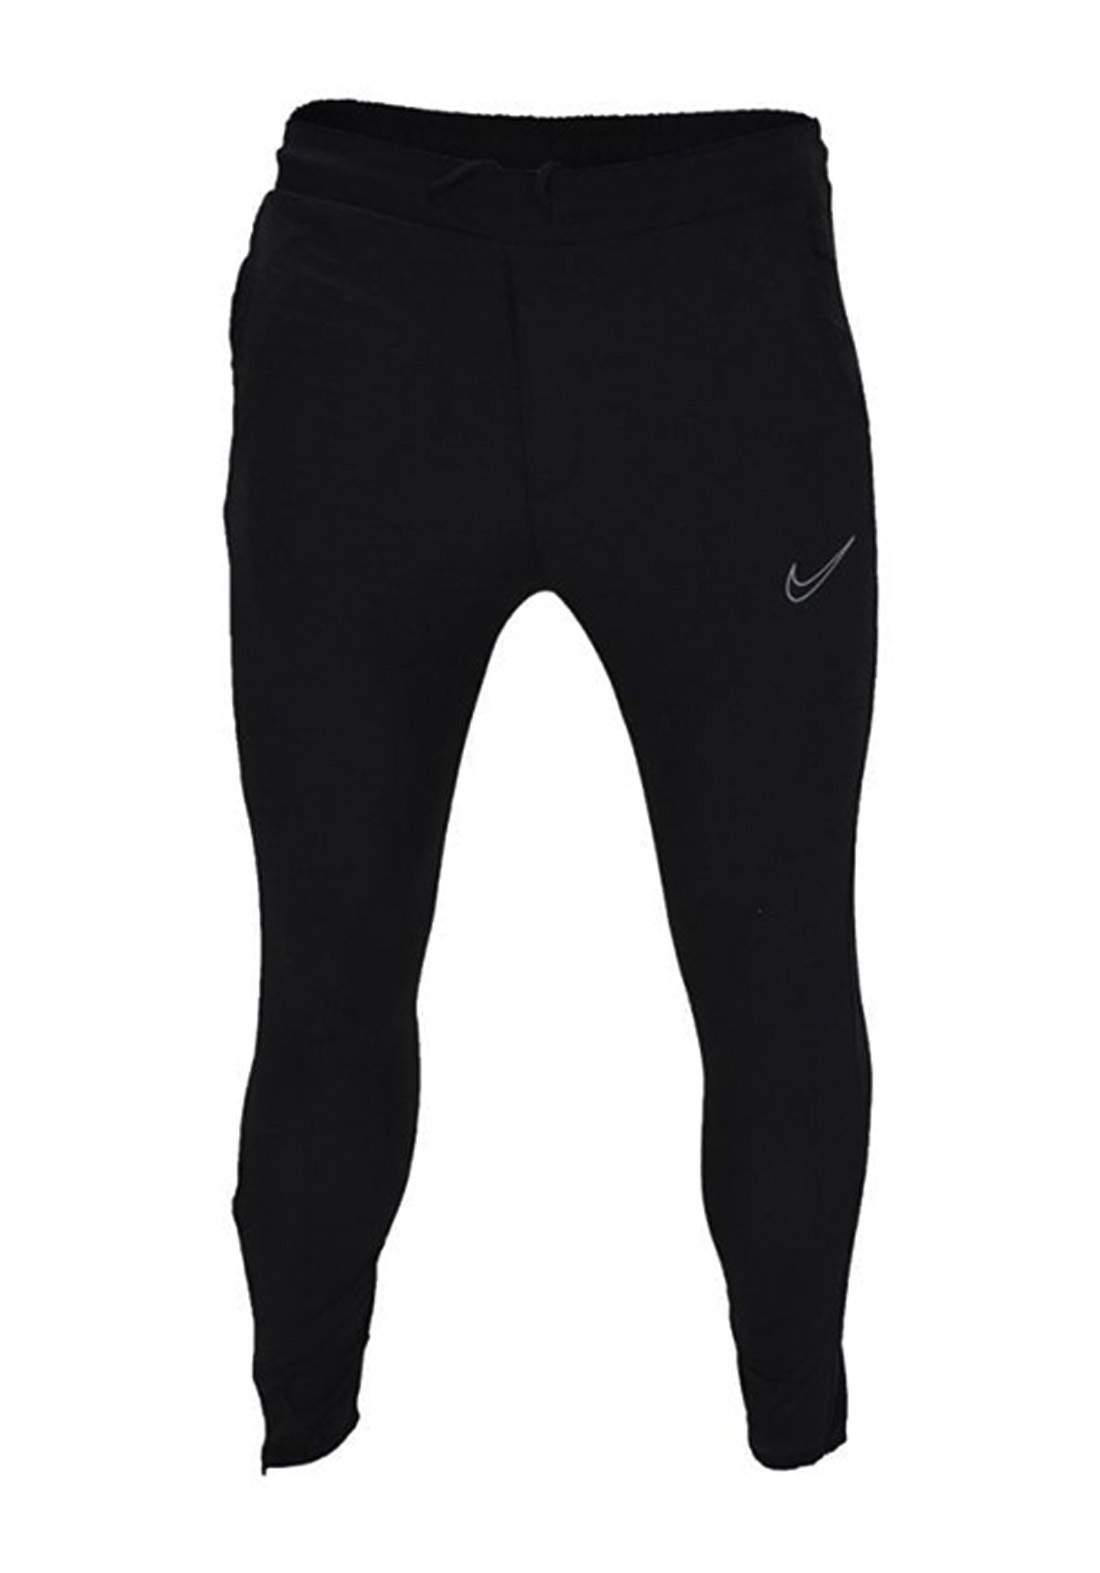 بجامة رياضية أسود أللون من Nike